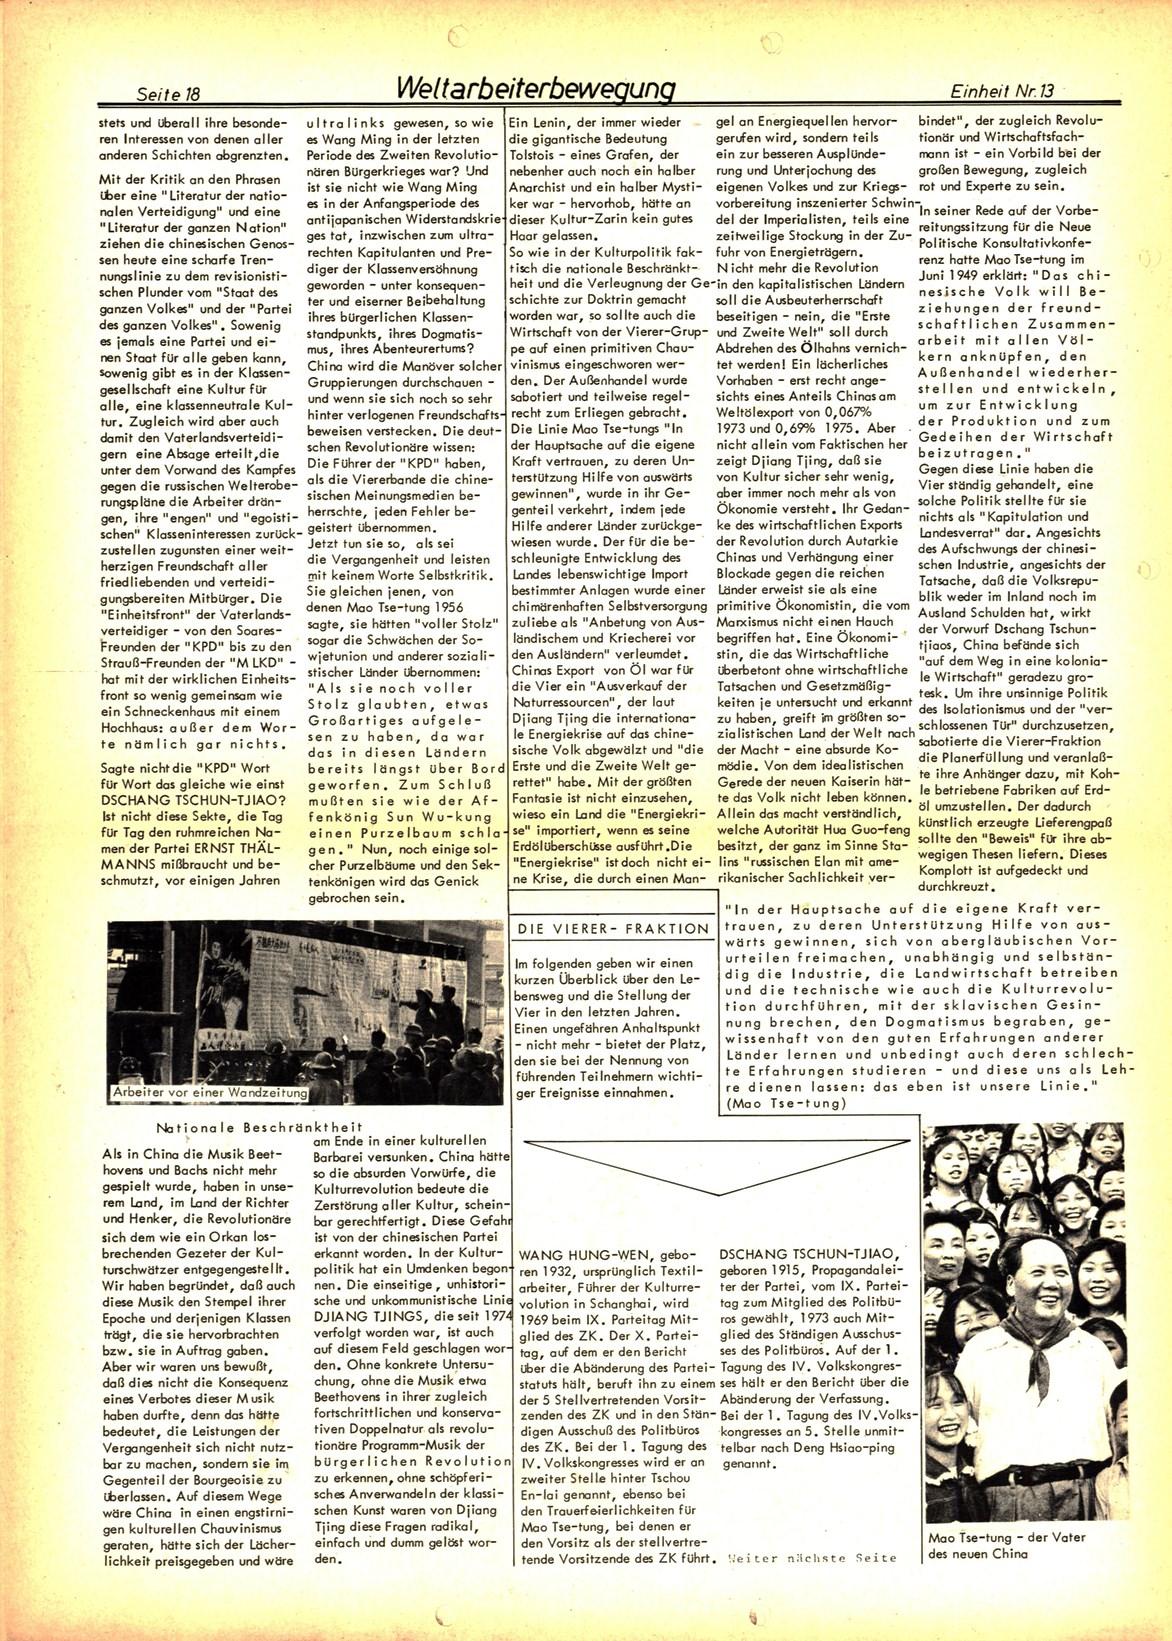 Koeln_IPdA_Einheit_1977_013_018